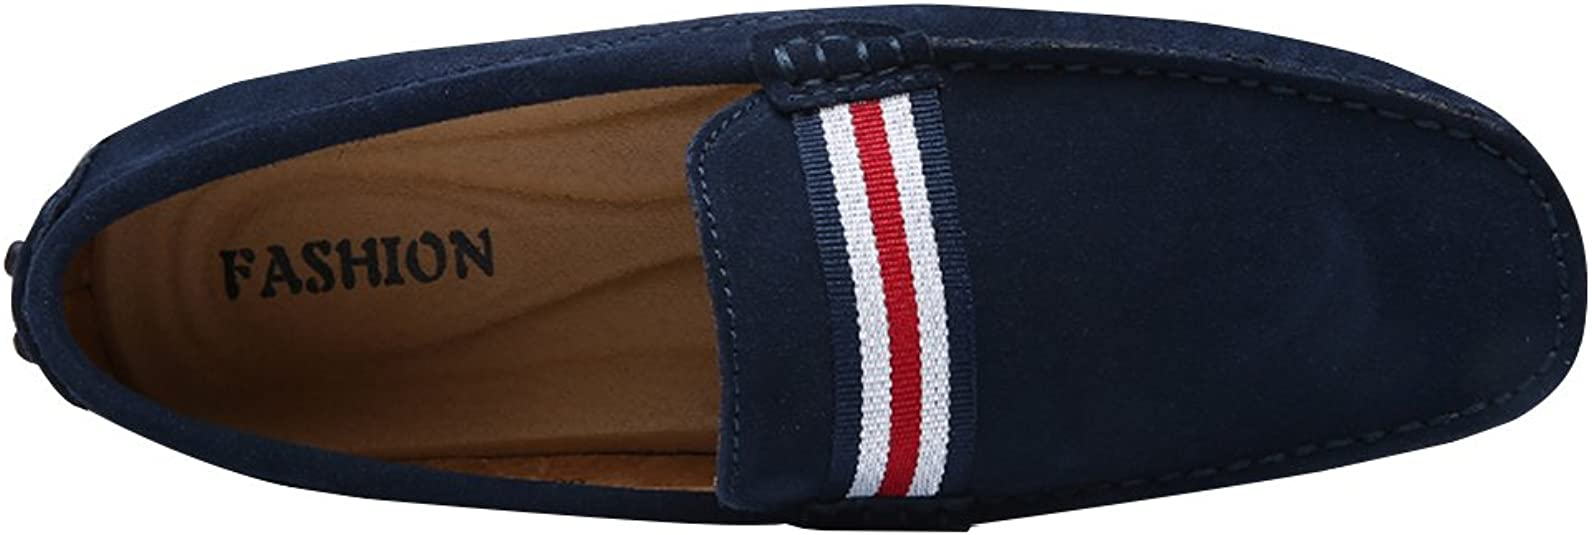 Jamron Hommes /Él/égant Frange Suede Mocassins Confort Loafers Plat Chaussures de Conduite